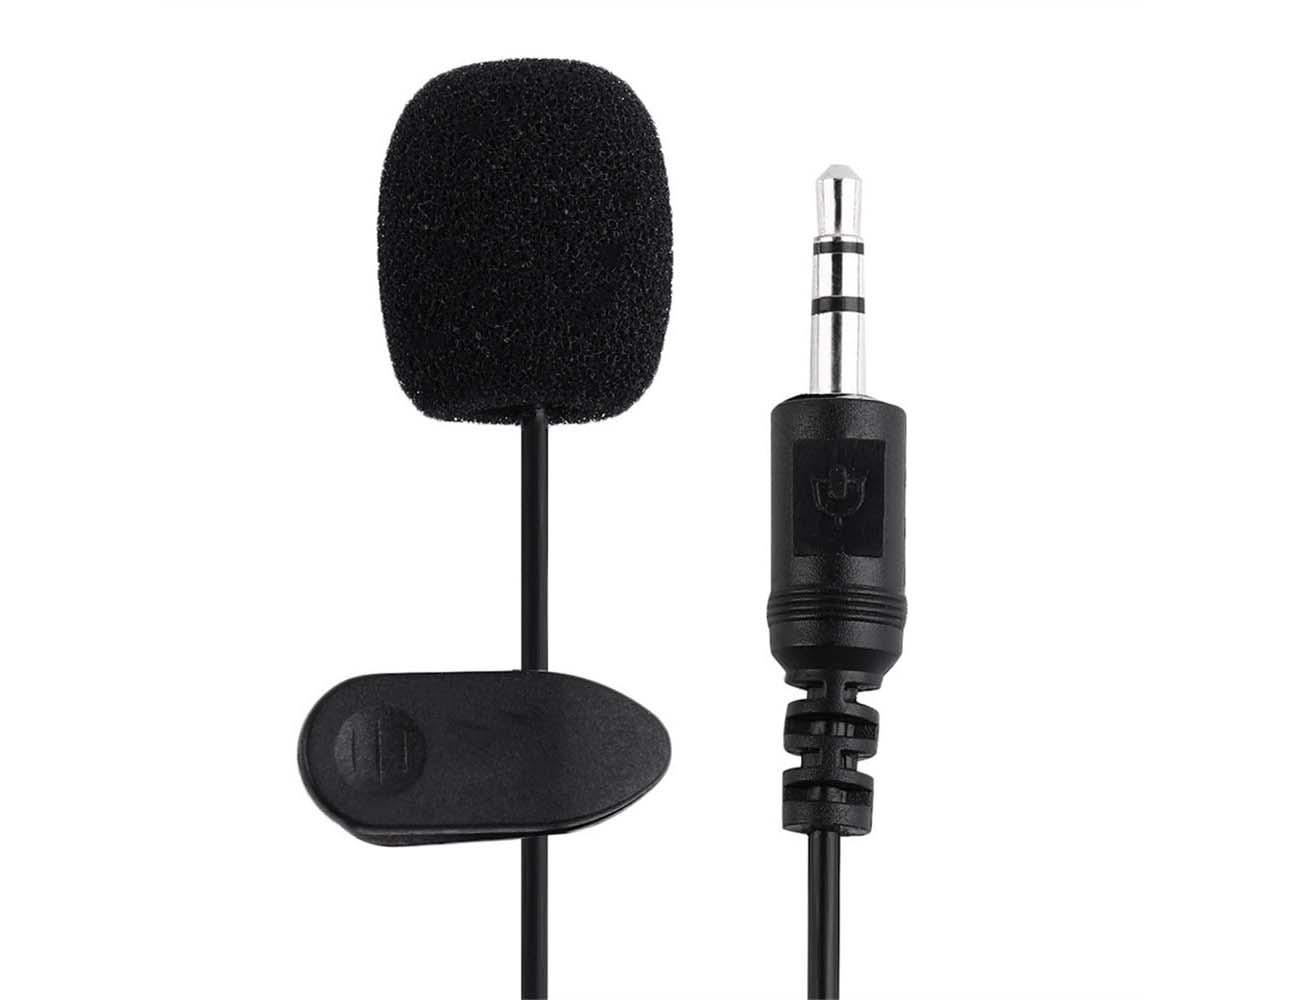 lavalier hangszoro mikrofon 1 - Lavalier hangszóró mikrofon